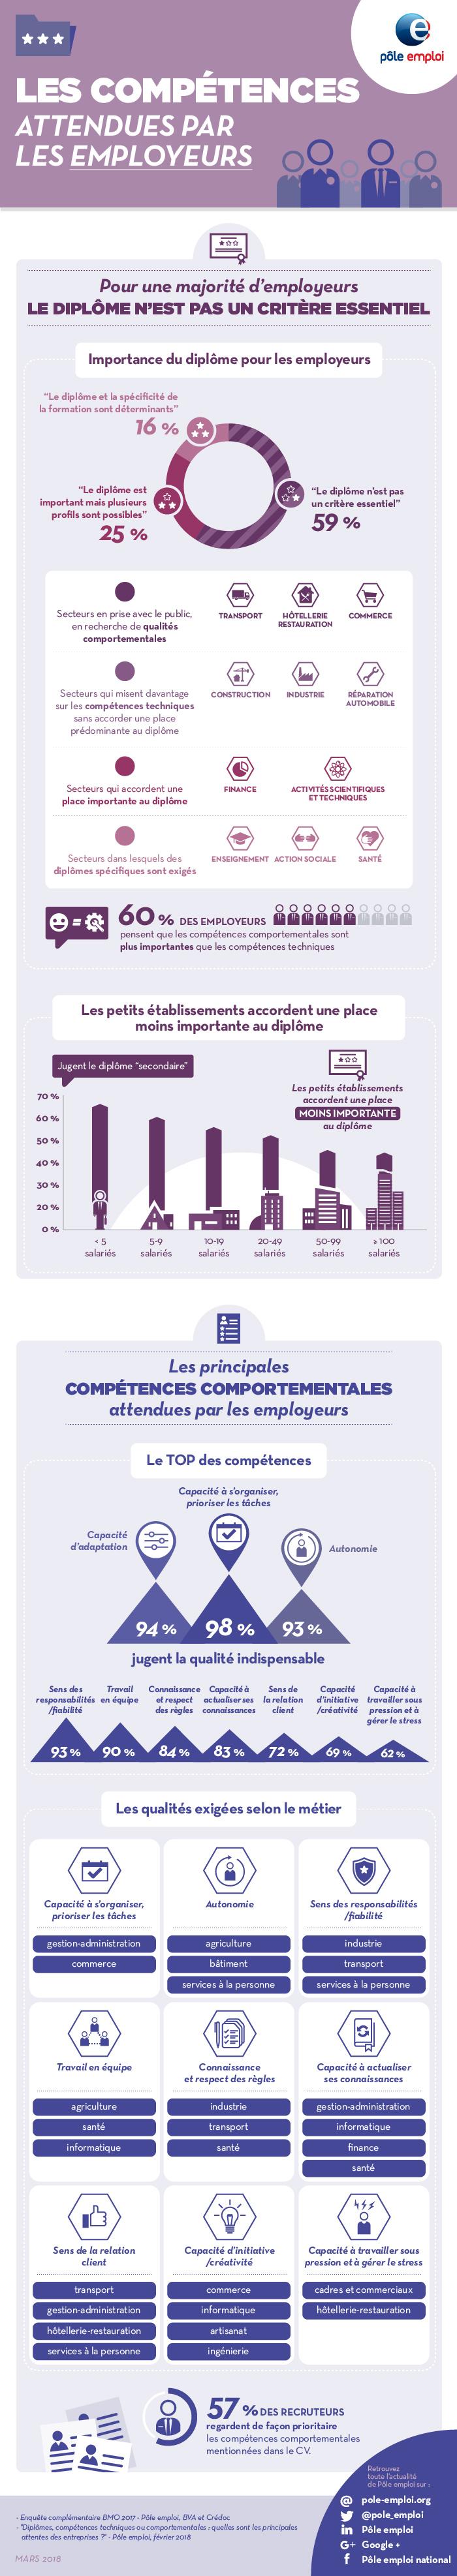 les comp u00e9tences attendues par les employeurs